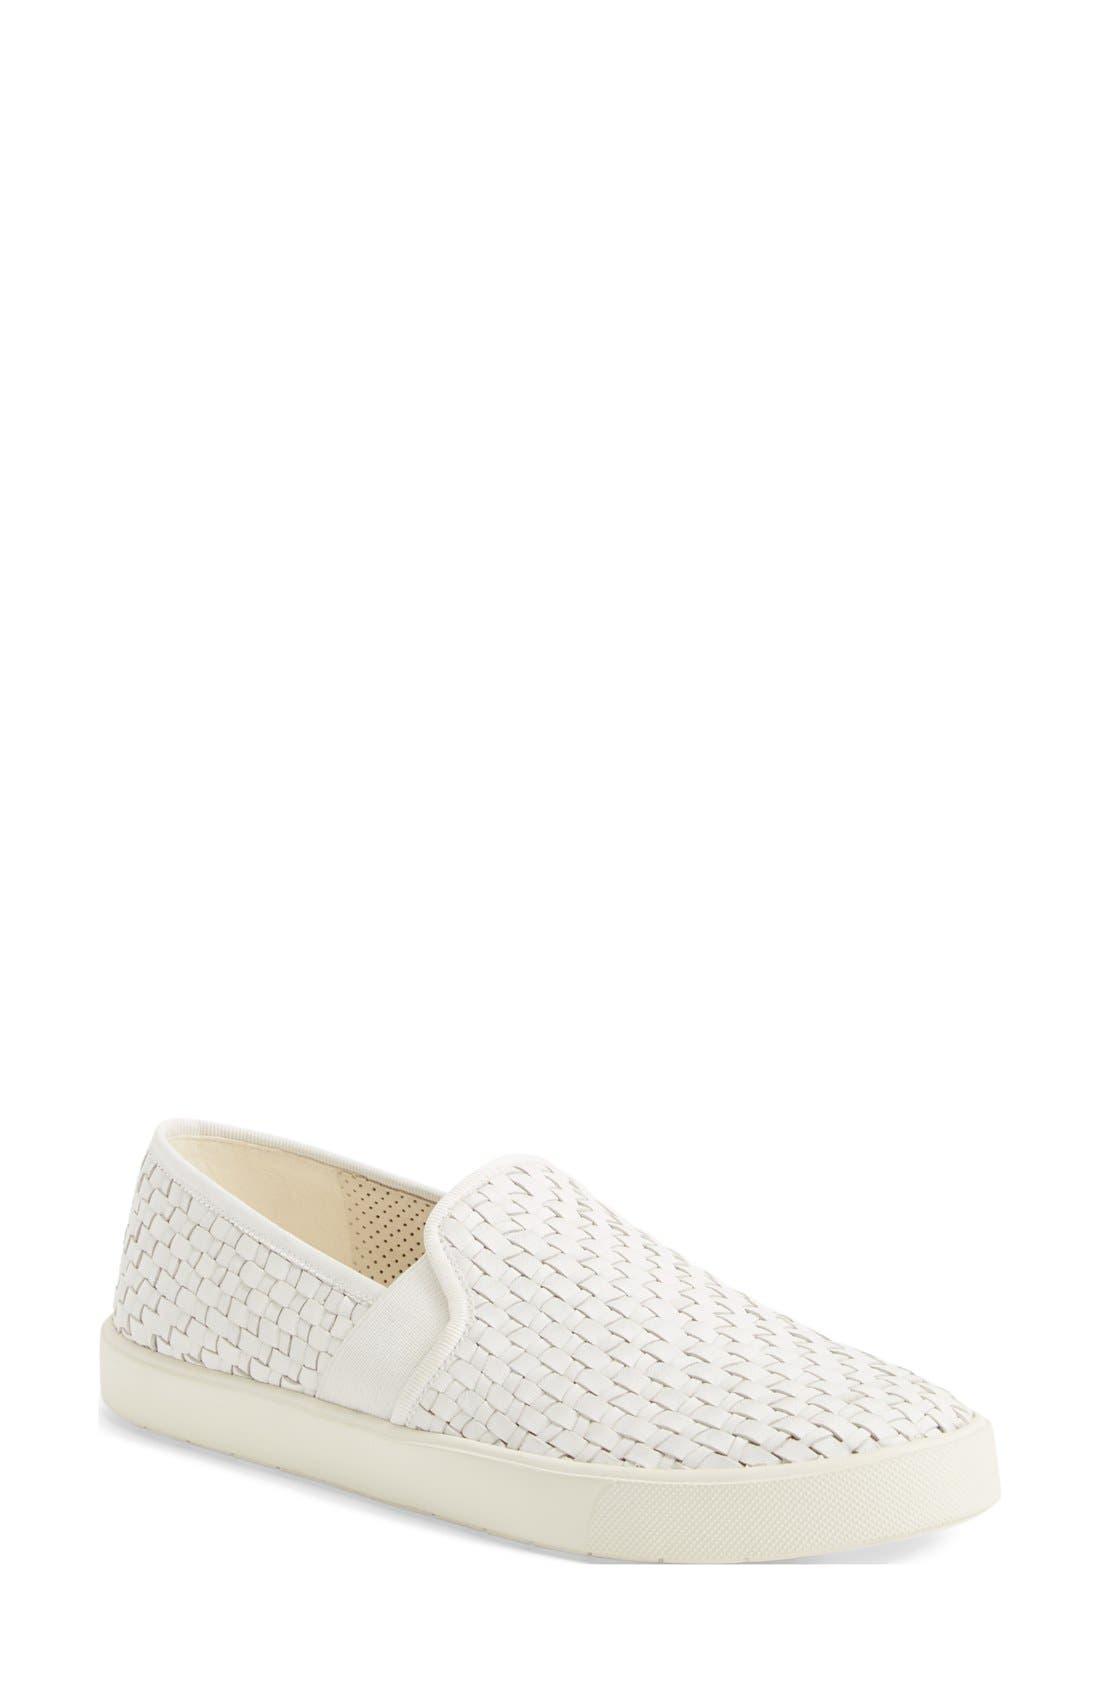 Main Image - Vince 'Preston' Slip-On Sneaker (Online Only)